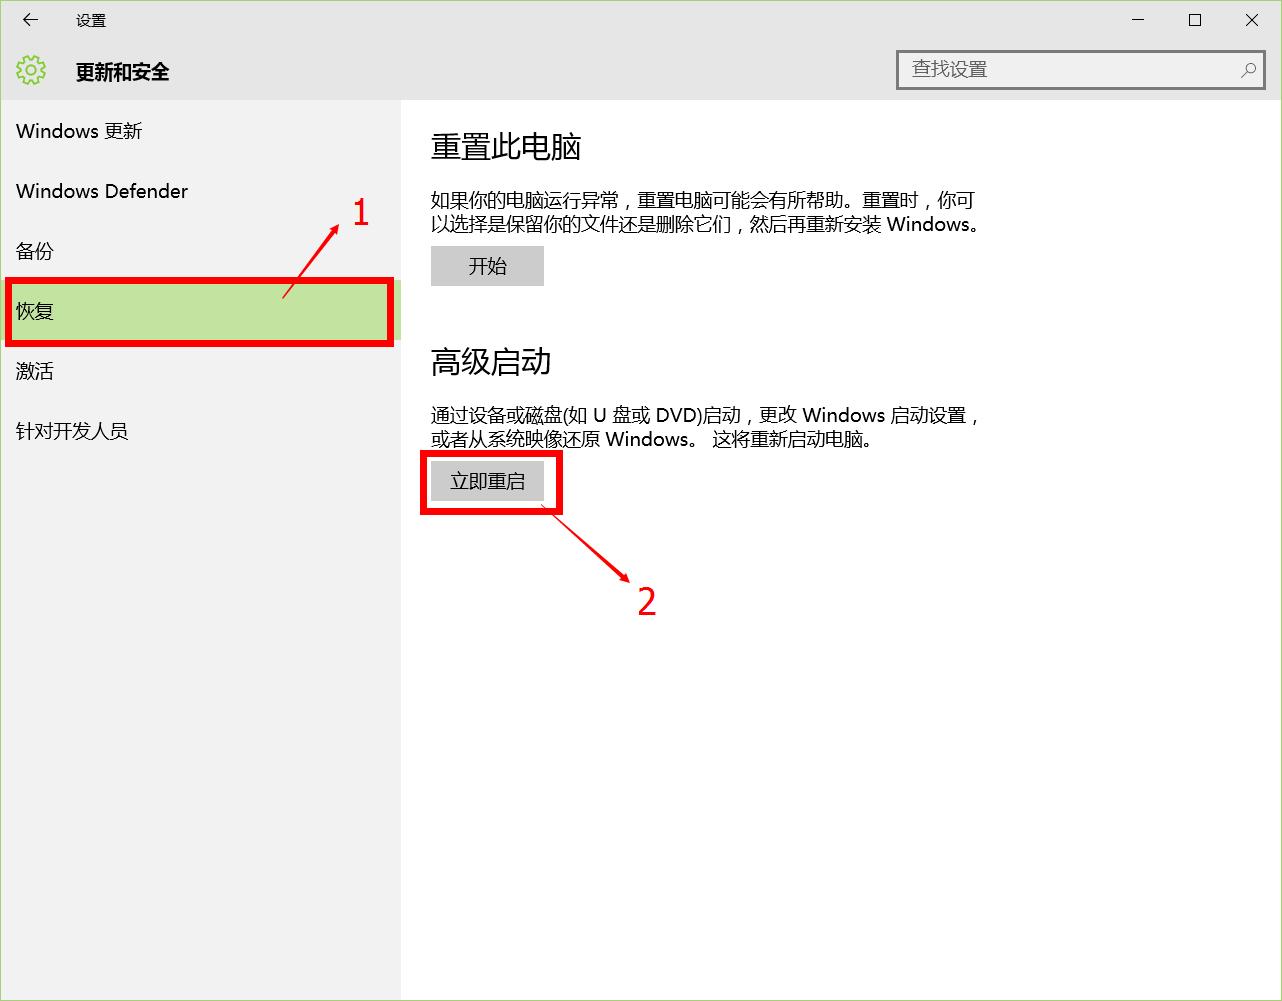 """[转载]Win10下安装驱动出现""""文件的哈希值不在指定的目录文件中。此文件可能已损坏"""